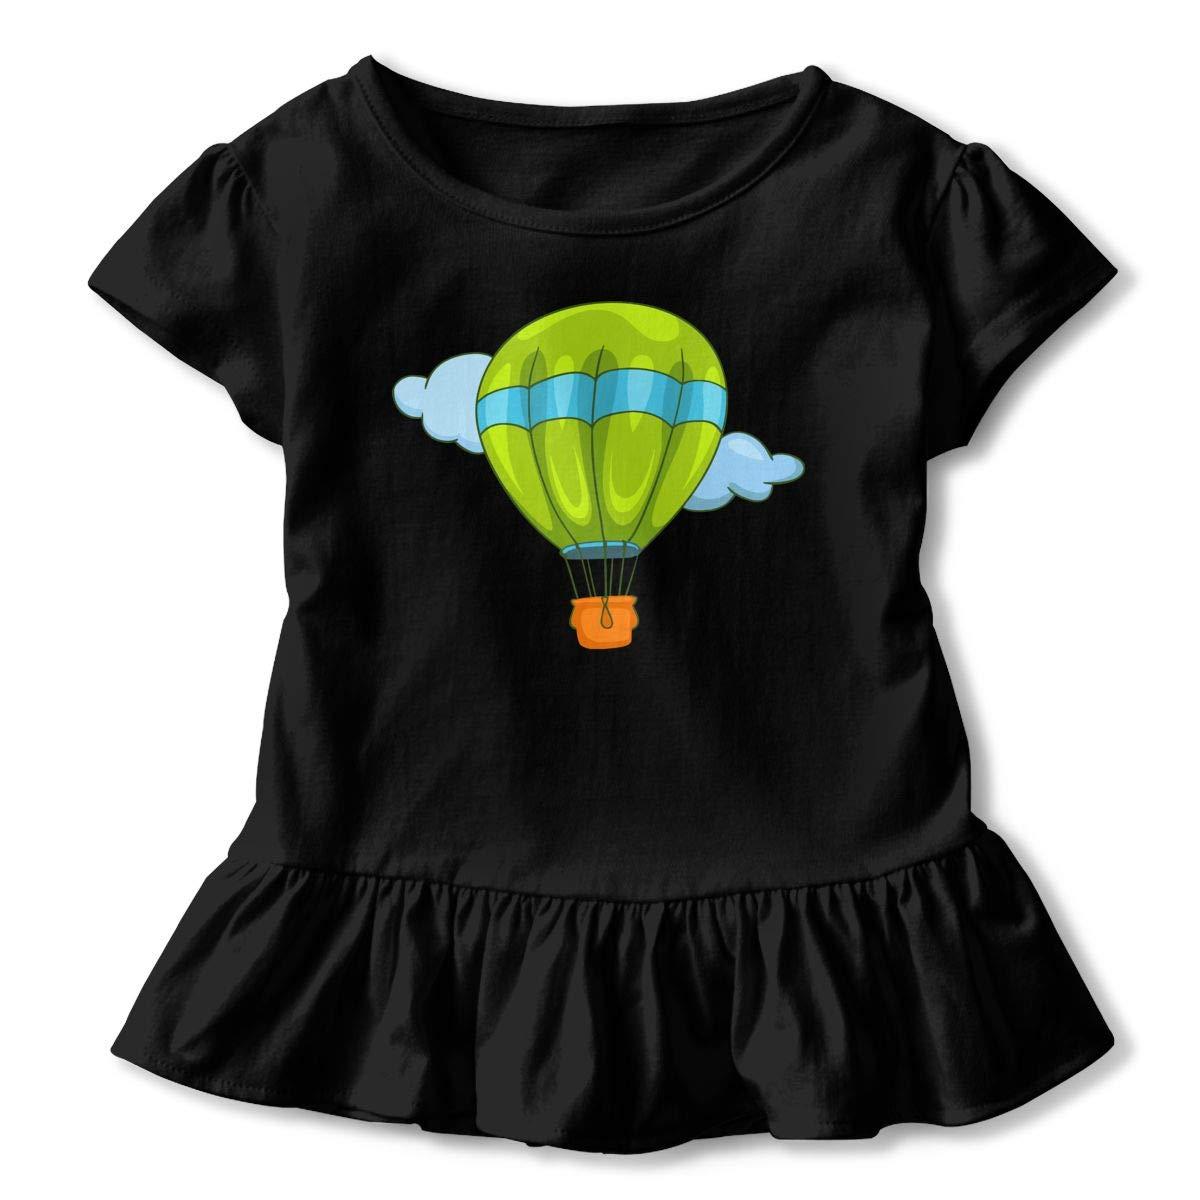 Green Hot Air Balloon Kids Girls Short Sleeve Ruffles Shirt T-Shirt for 2-6T